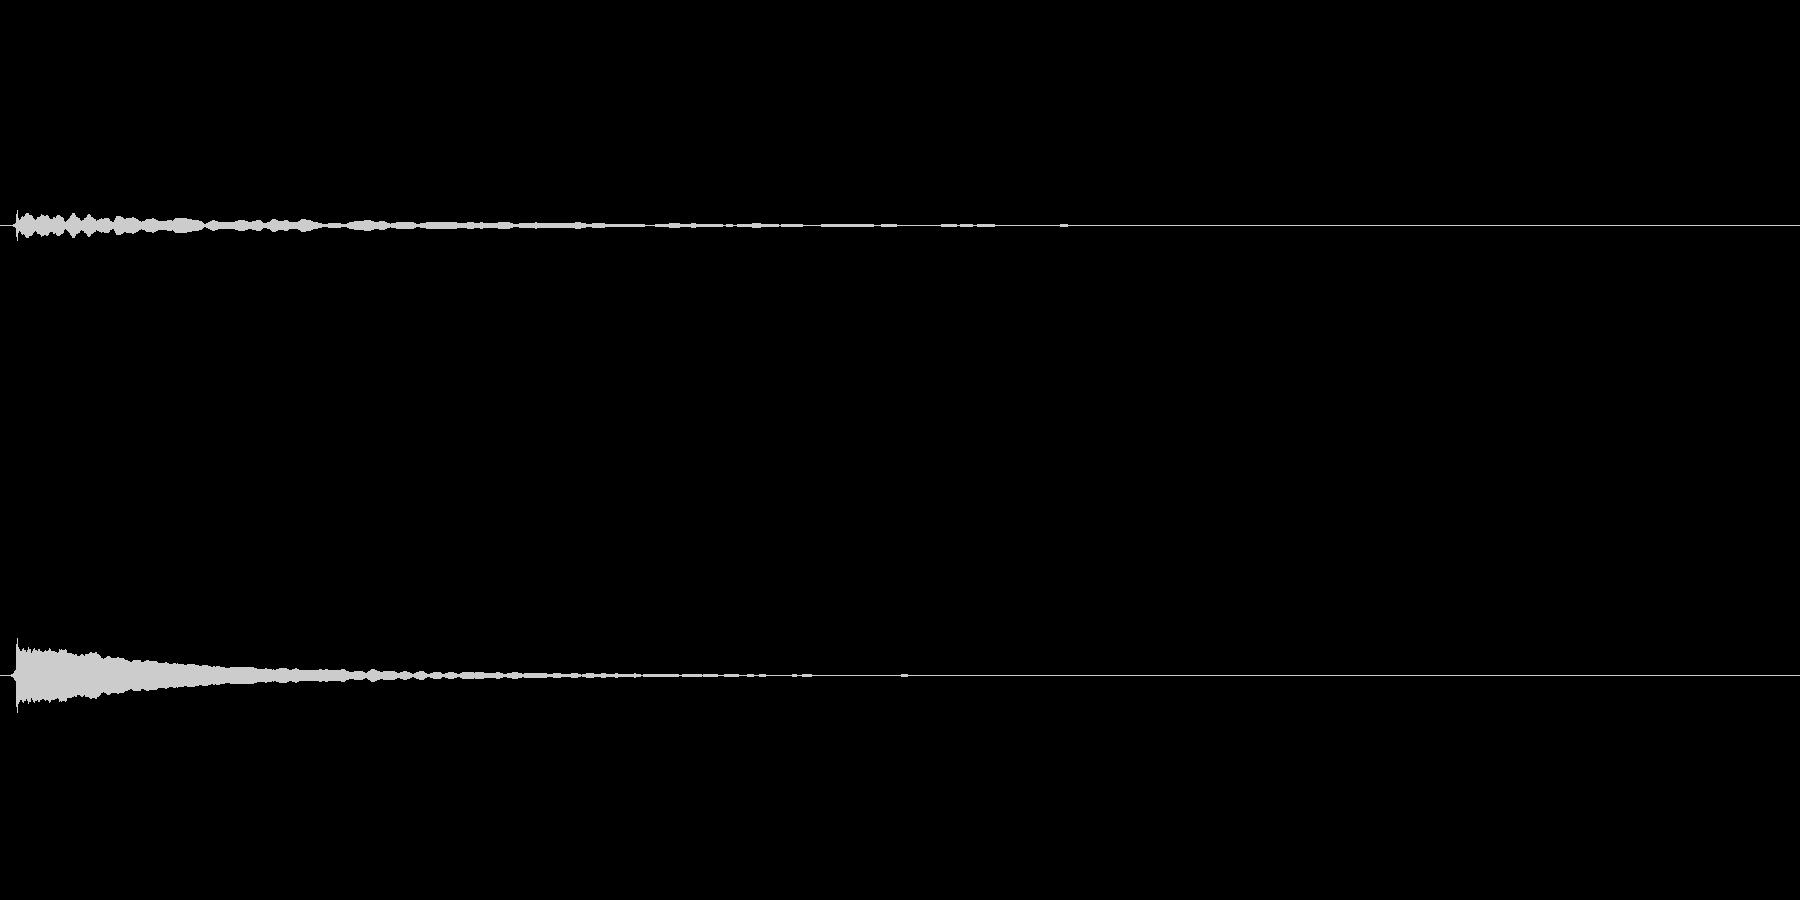 キラキラ系_045の未再生の波形